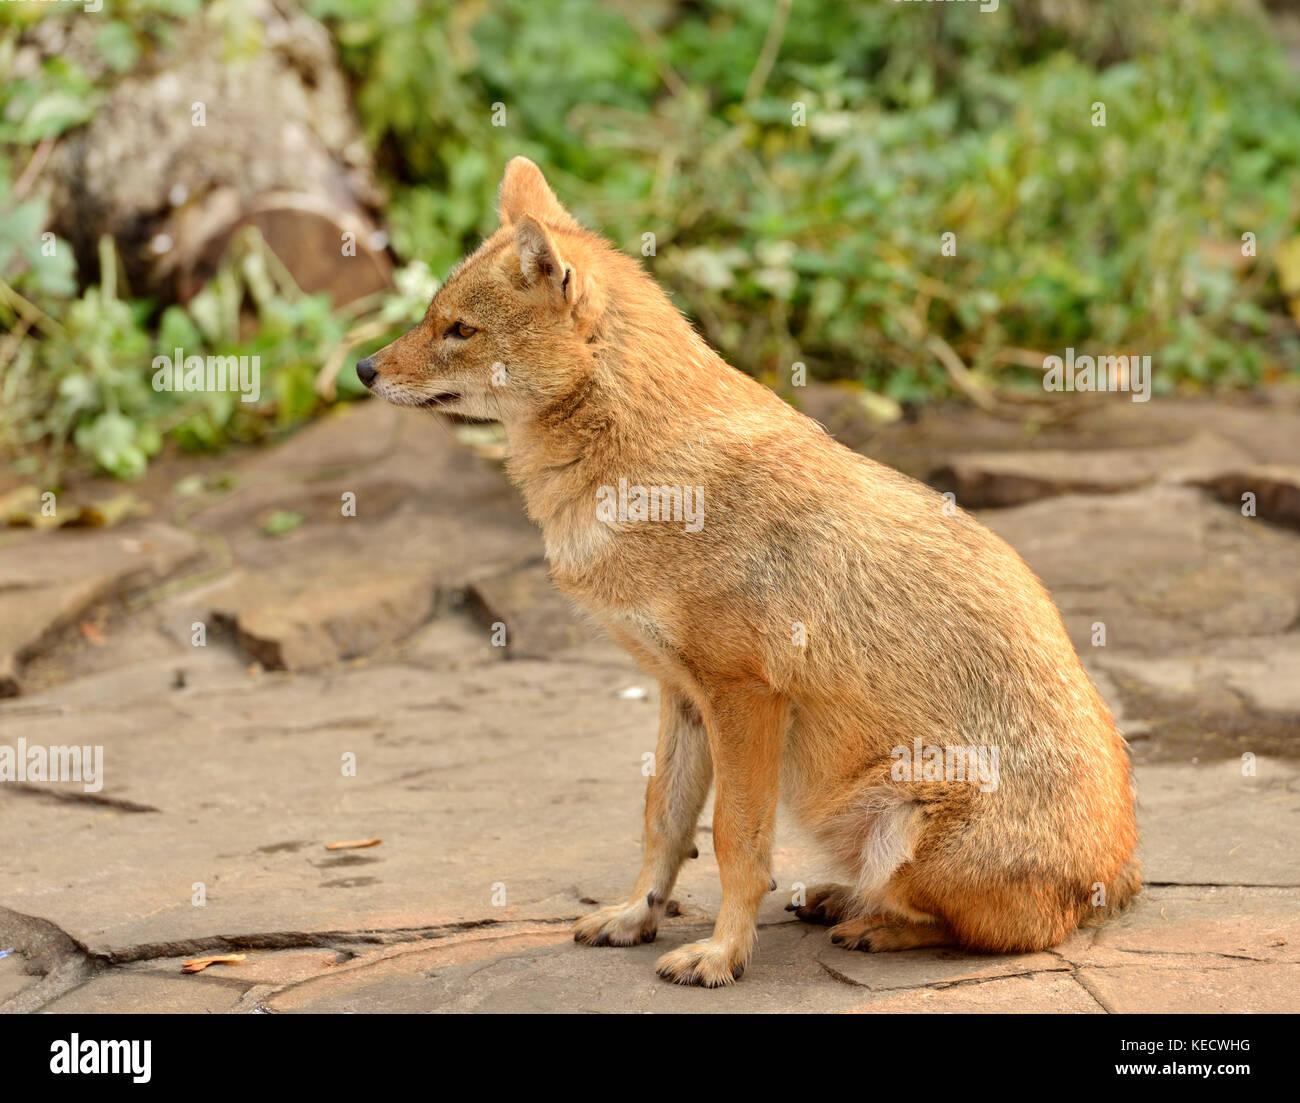 Le chacal doré (Canis aureus) Banque D'Images